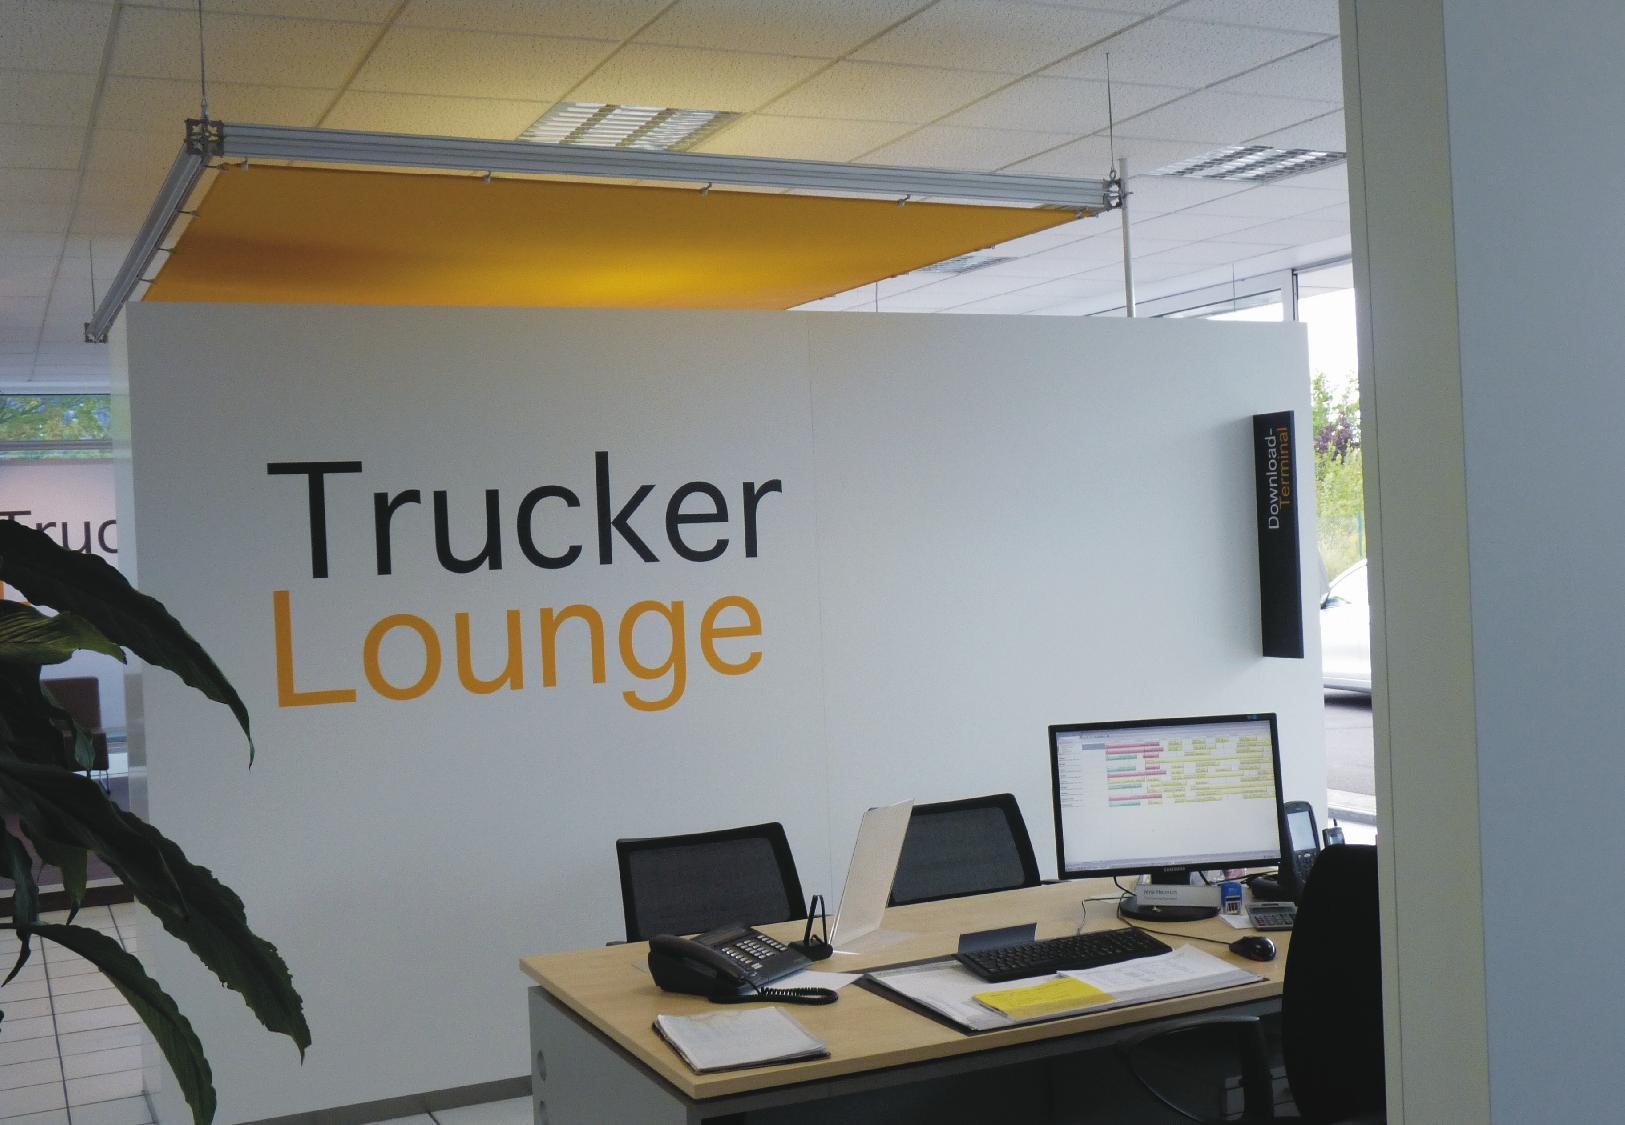 06_Trucker Lounge.jpg